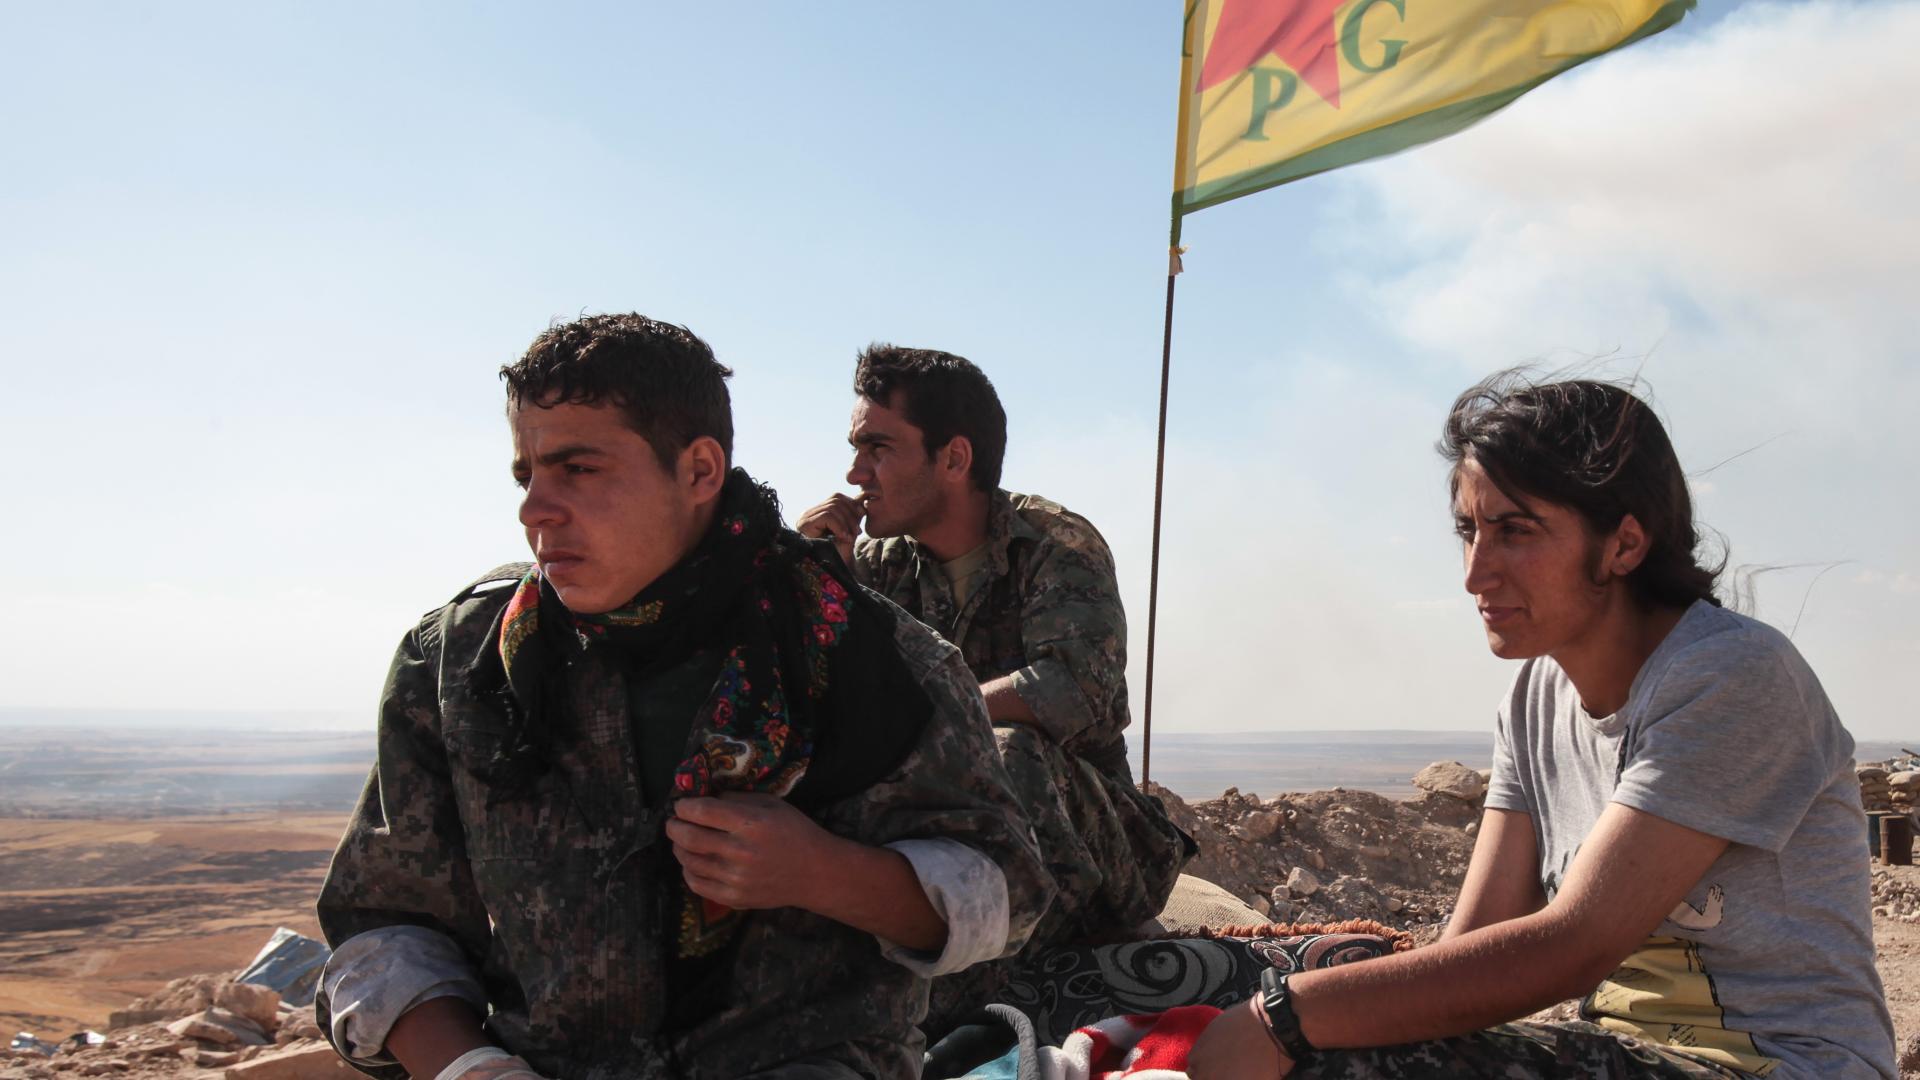 الرئاسة التركية ترد على تهديد ترامب حول ضرب الأكراد بسوريا